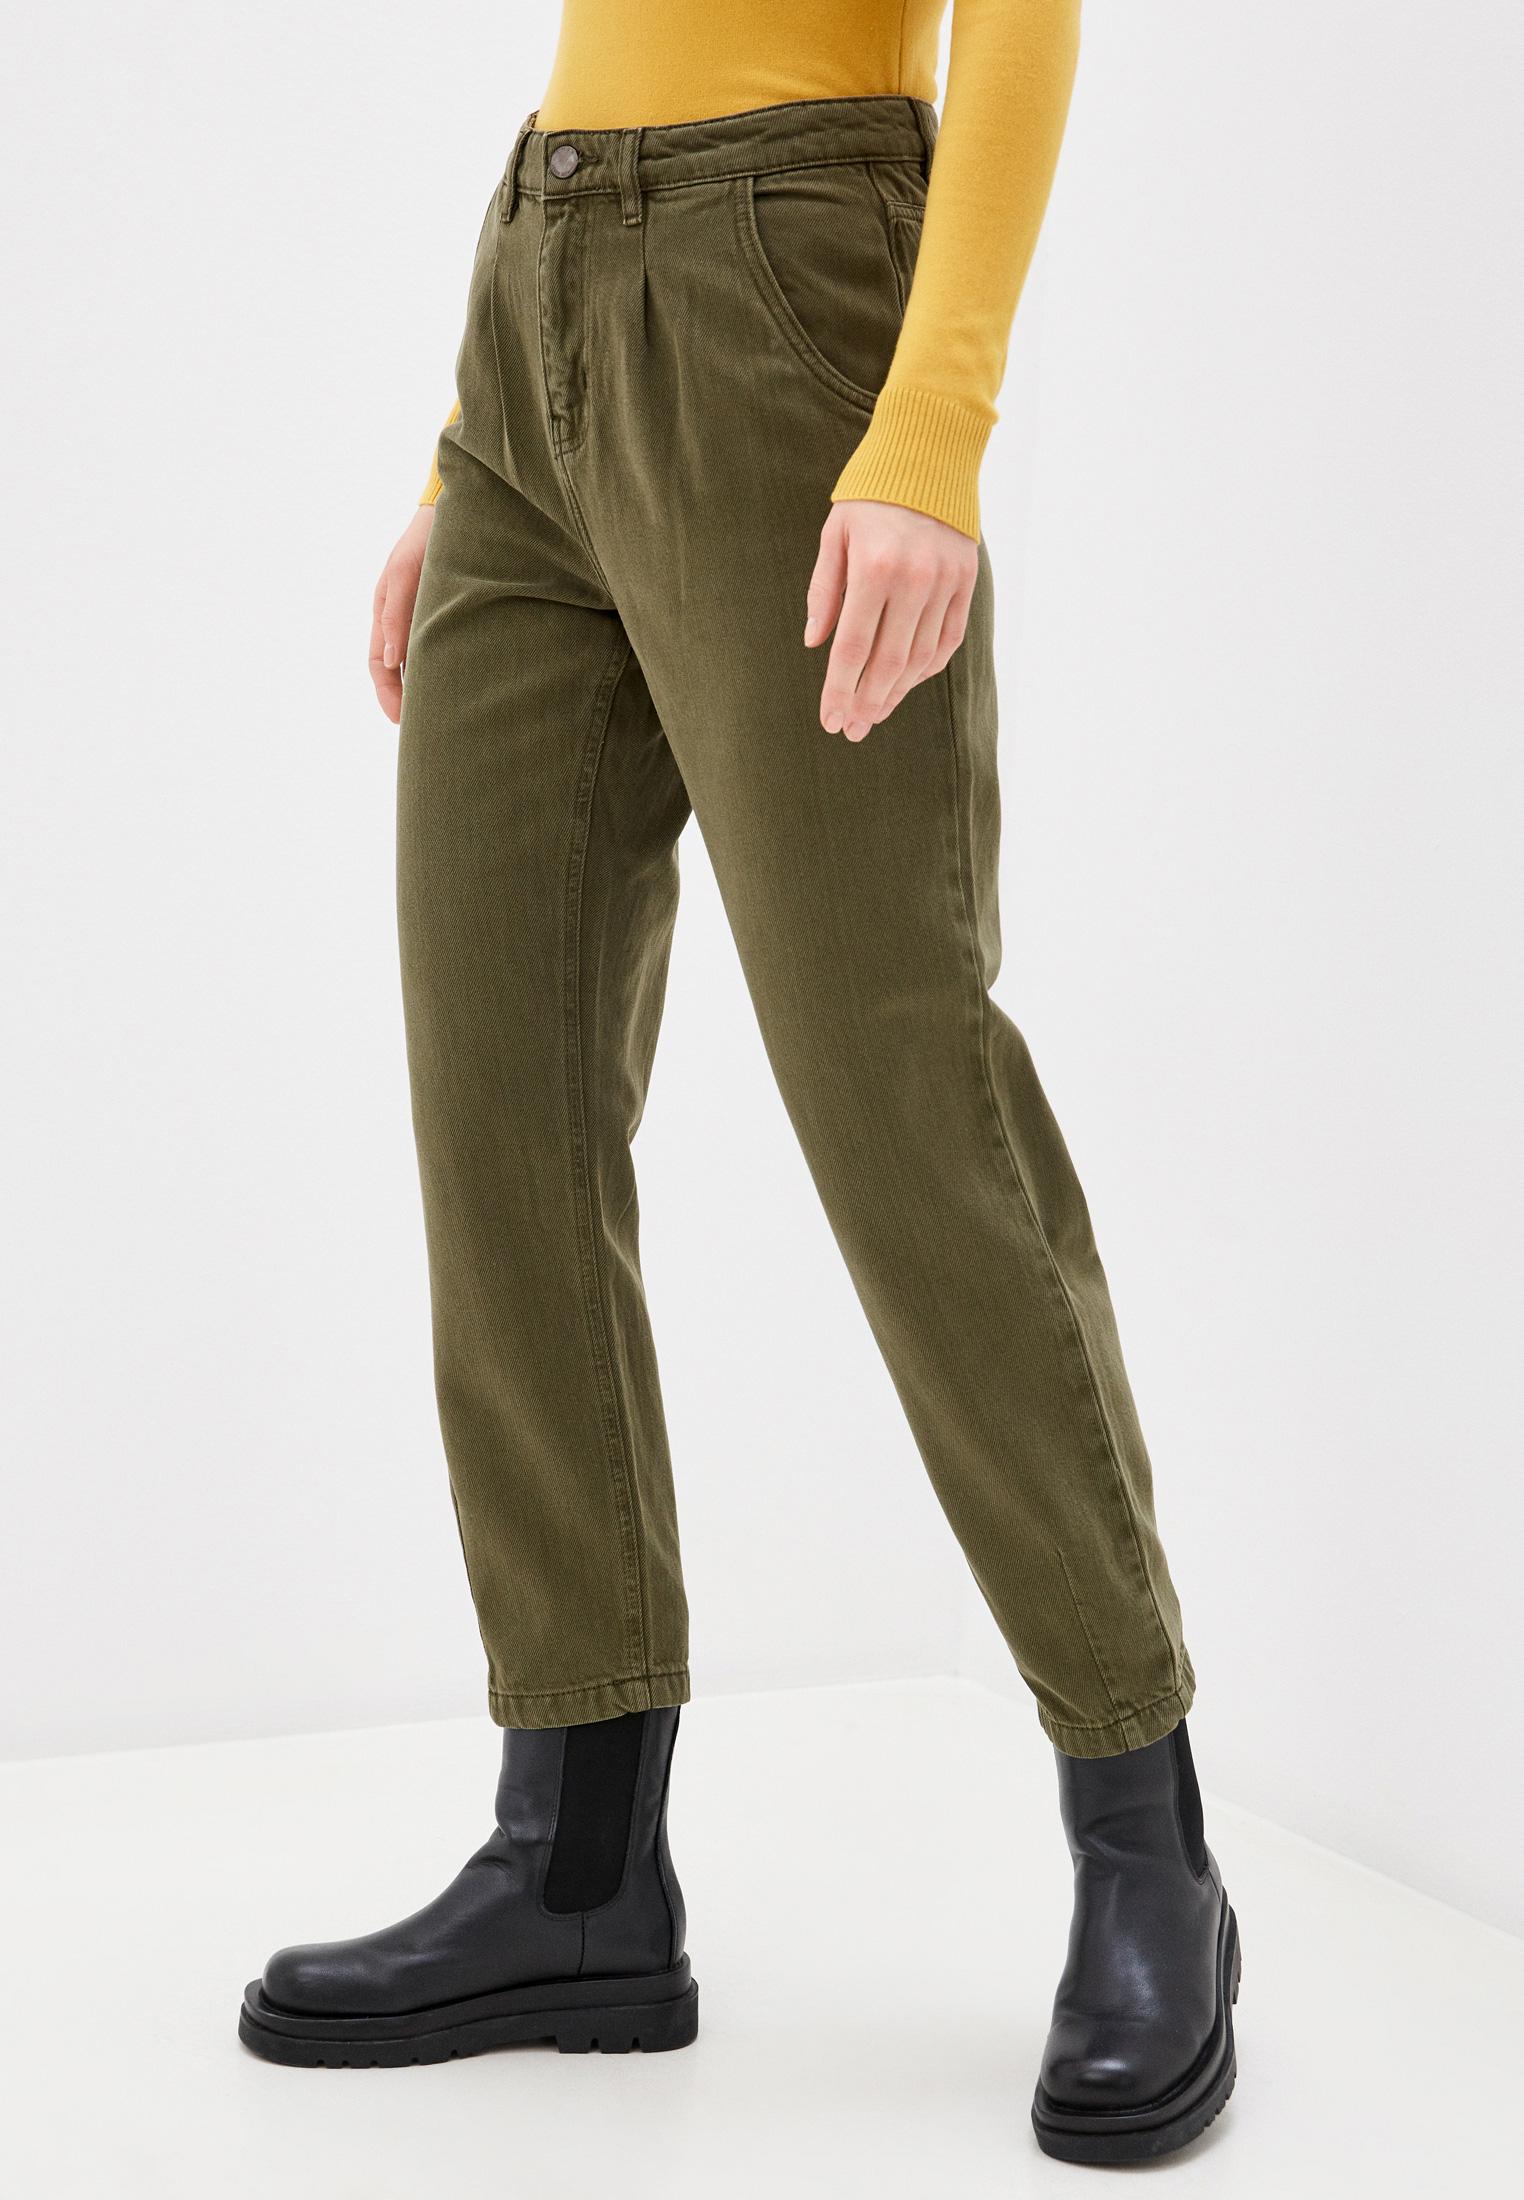 Женские зауженные брюки Only (Онли) Брюки Only